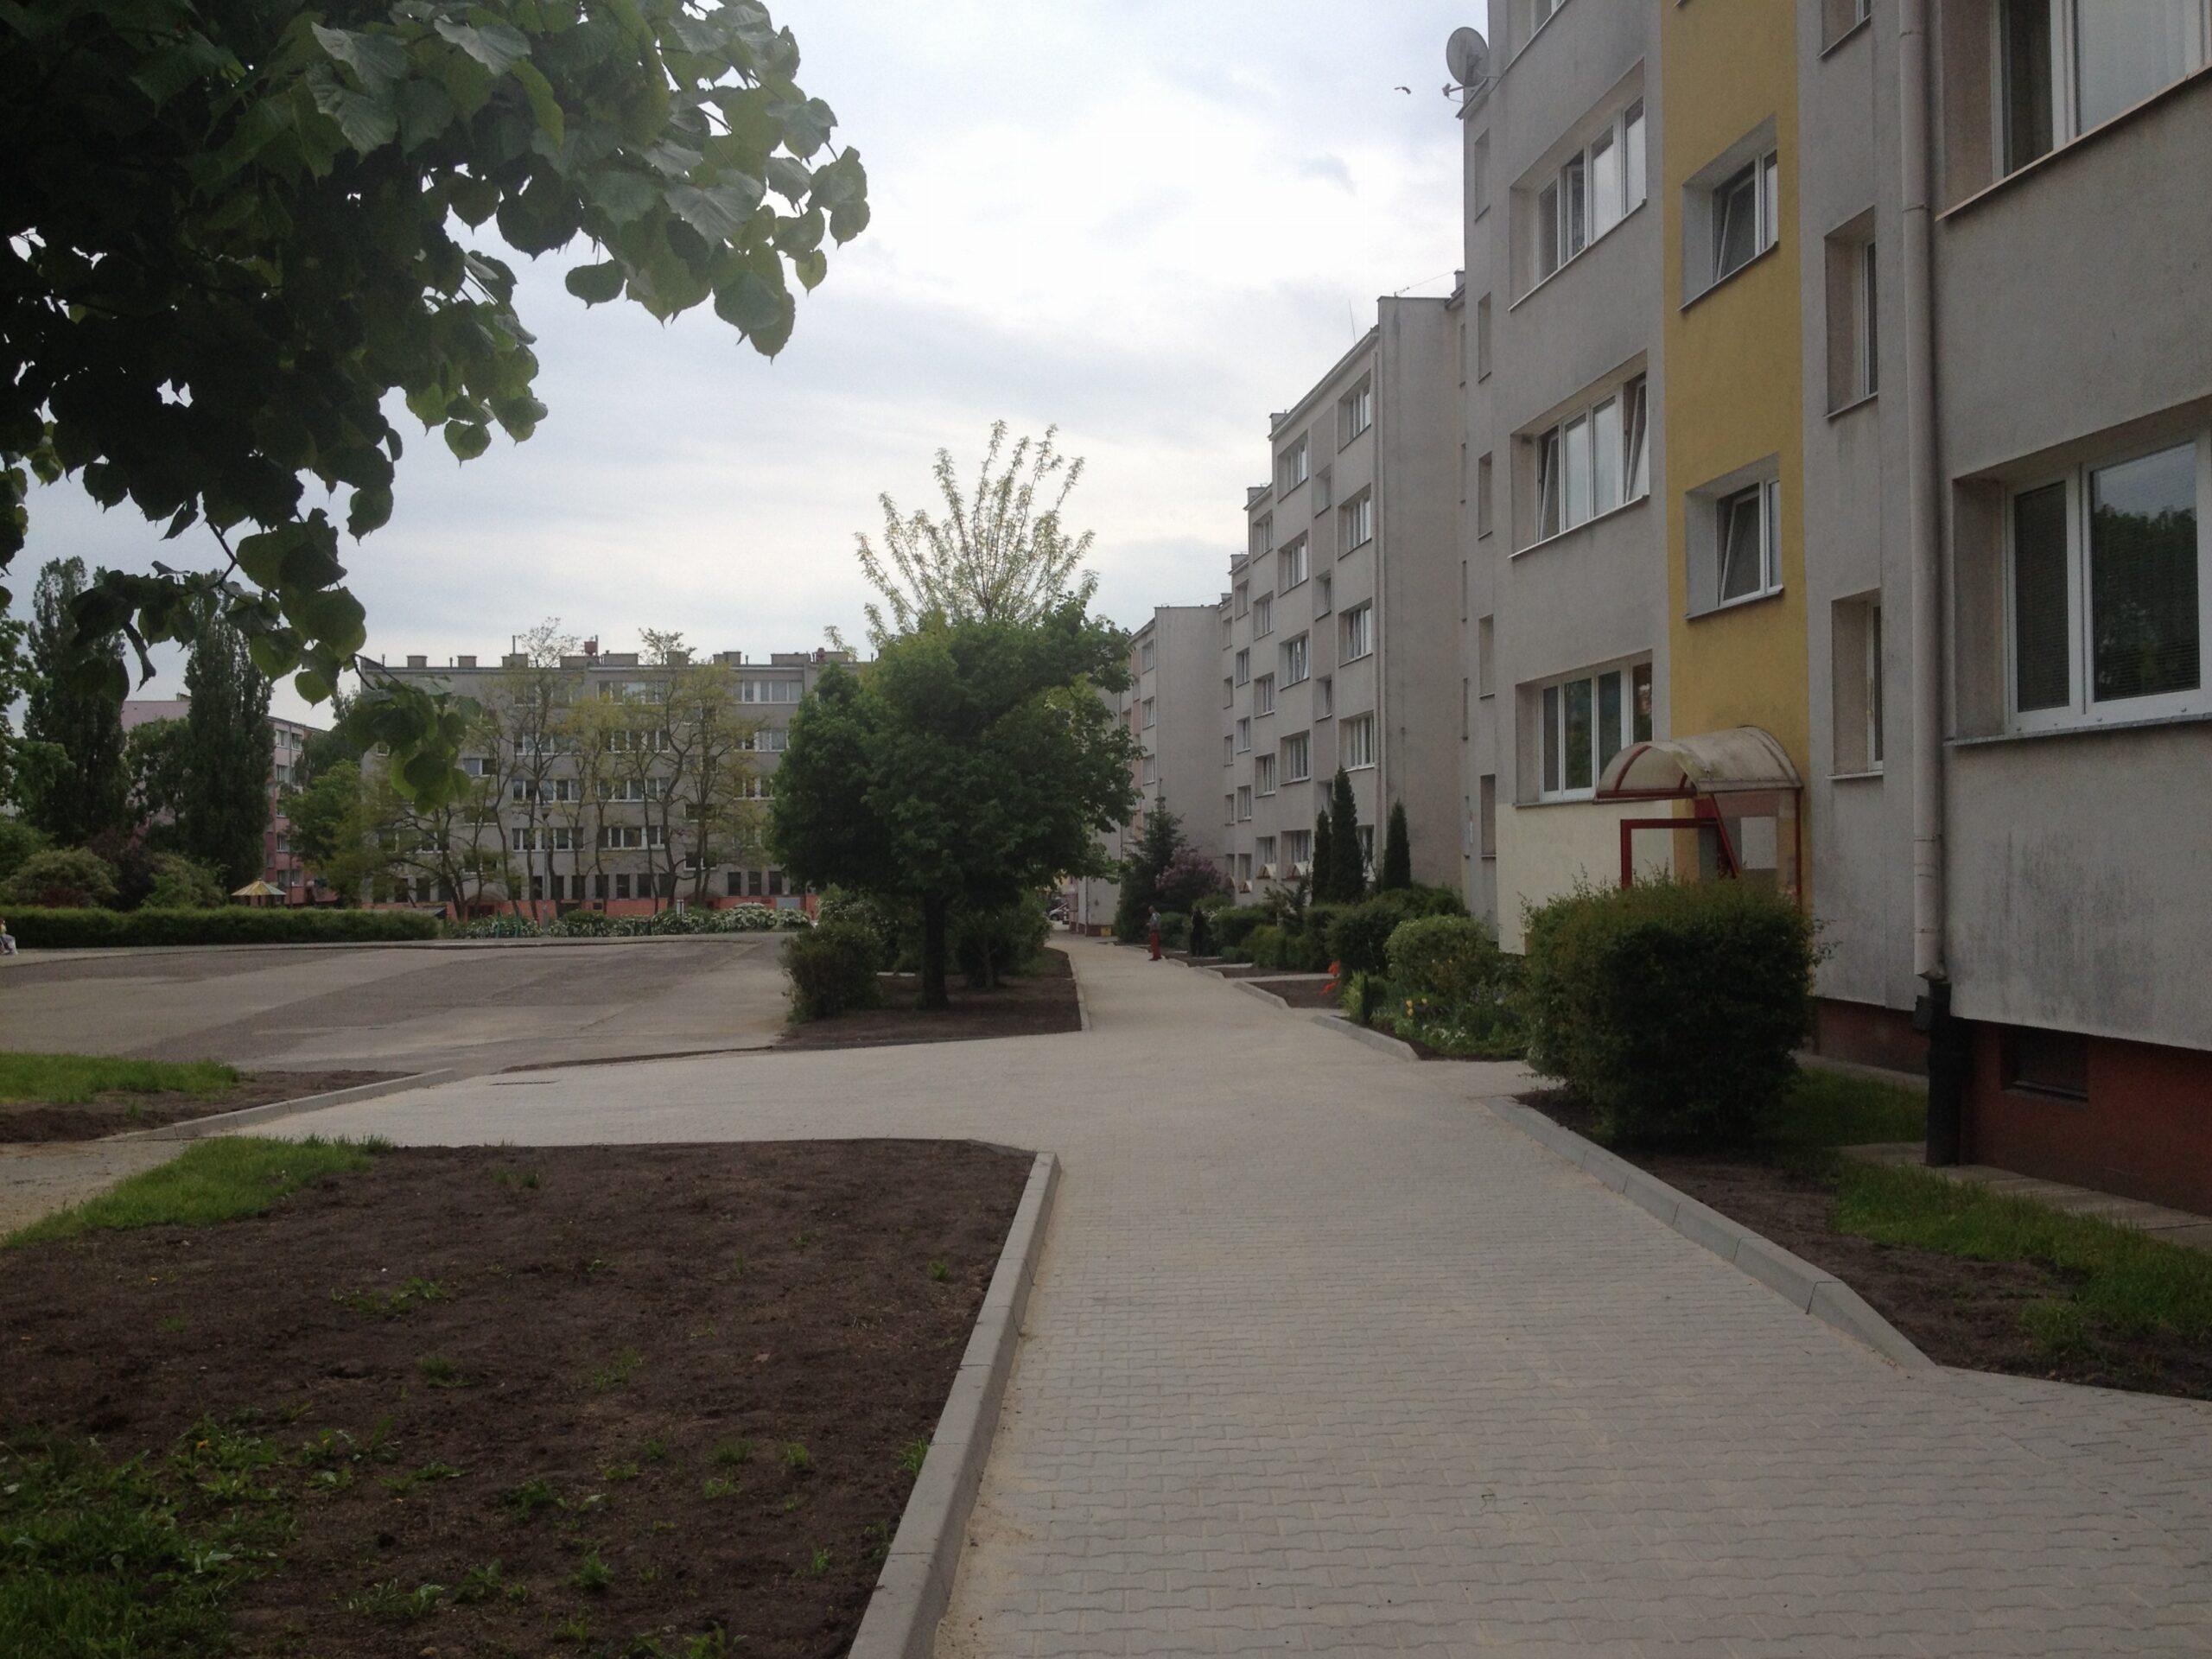 Przebudowa chodnika przy 9 maja już na finiszu.